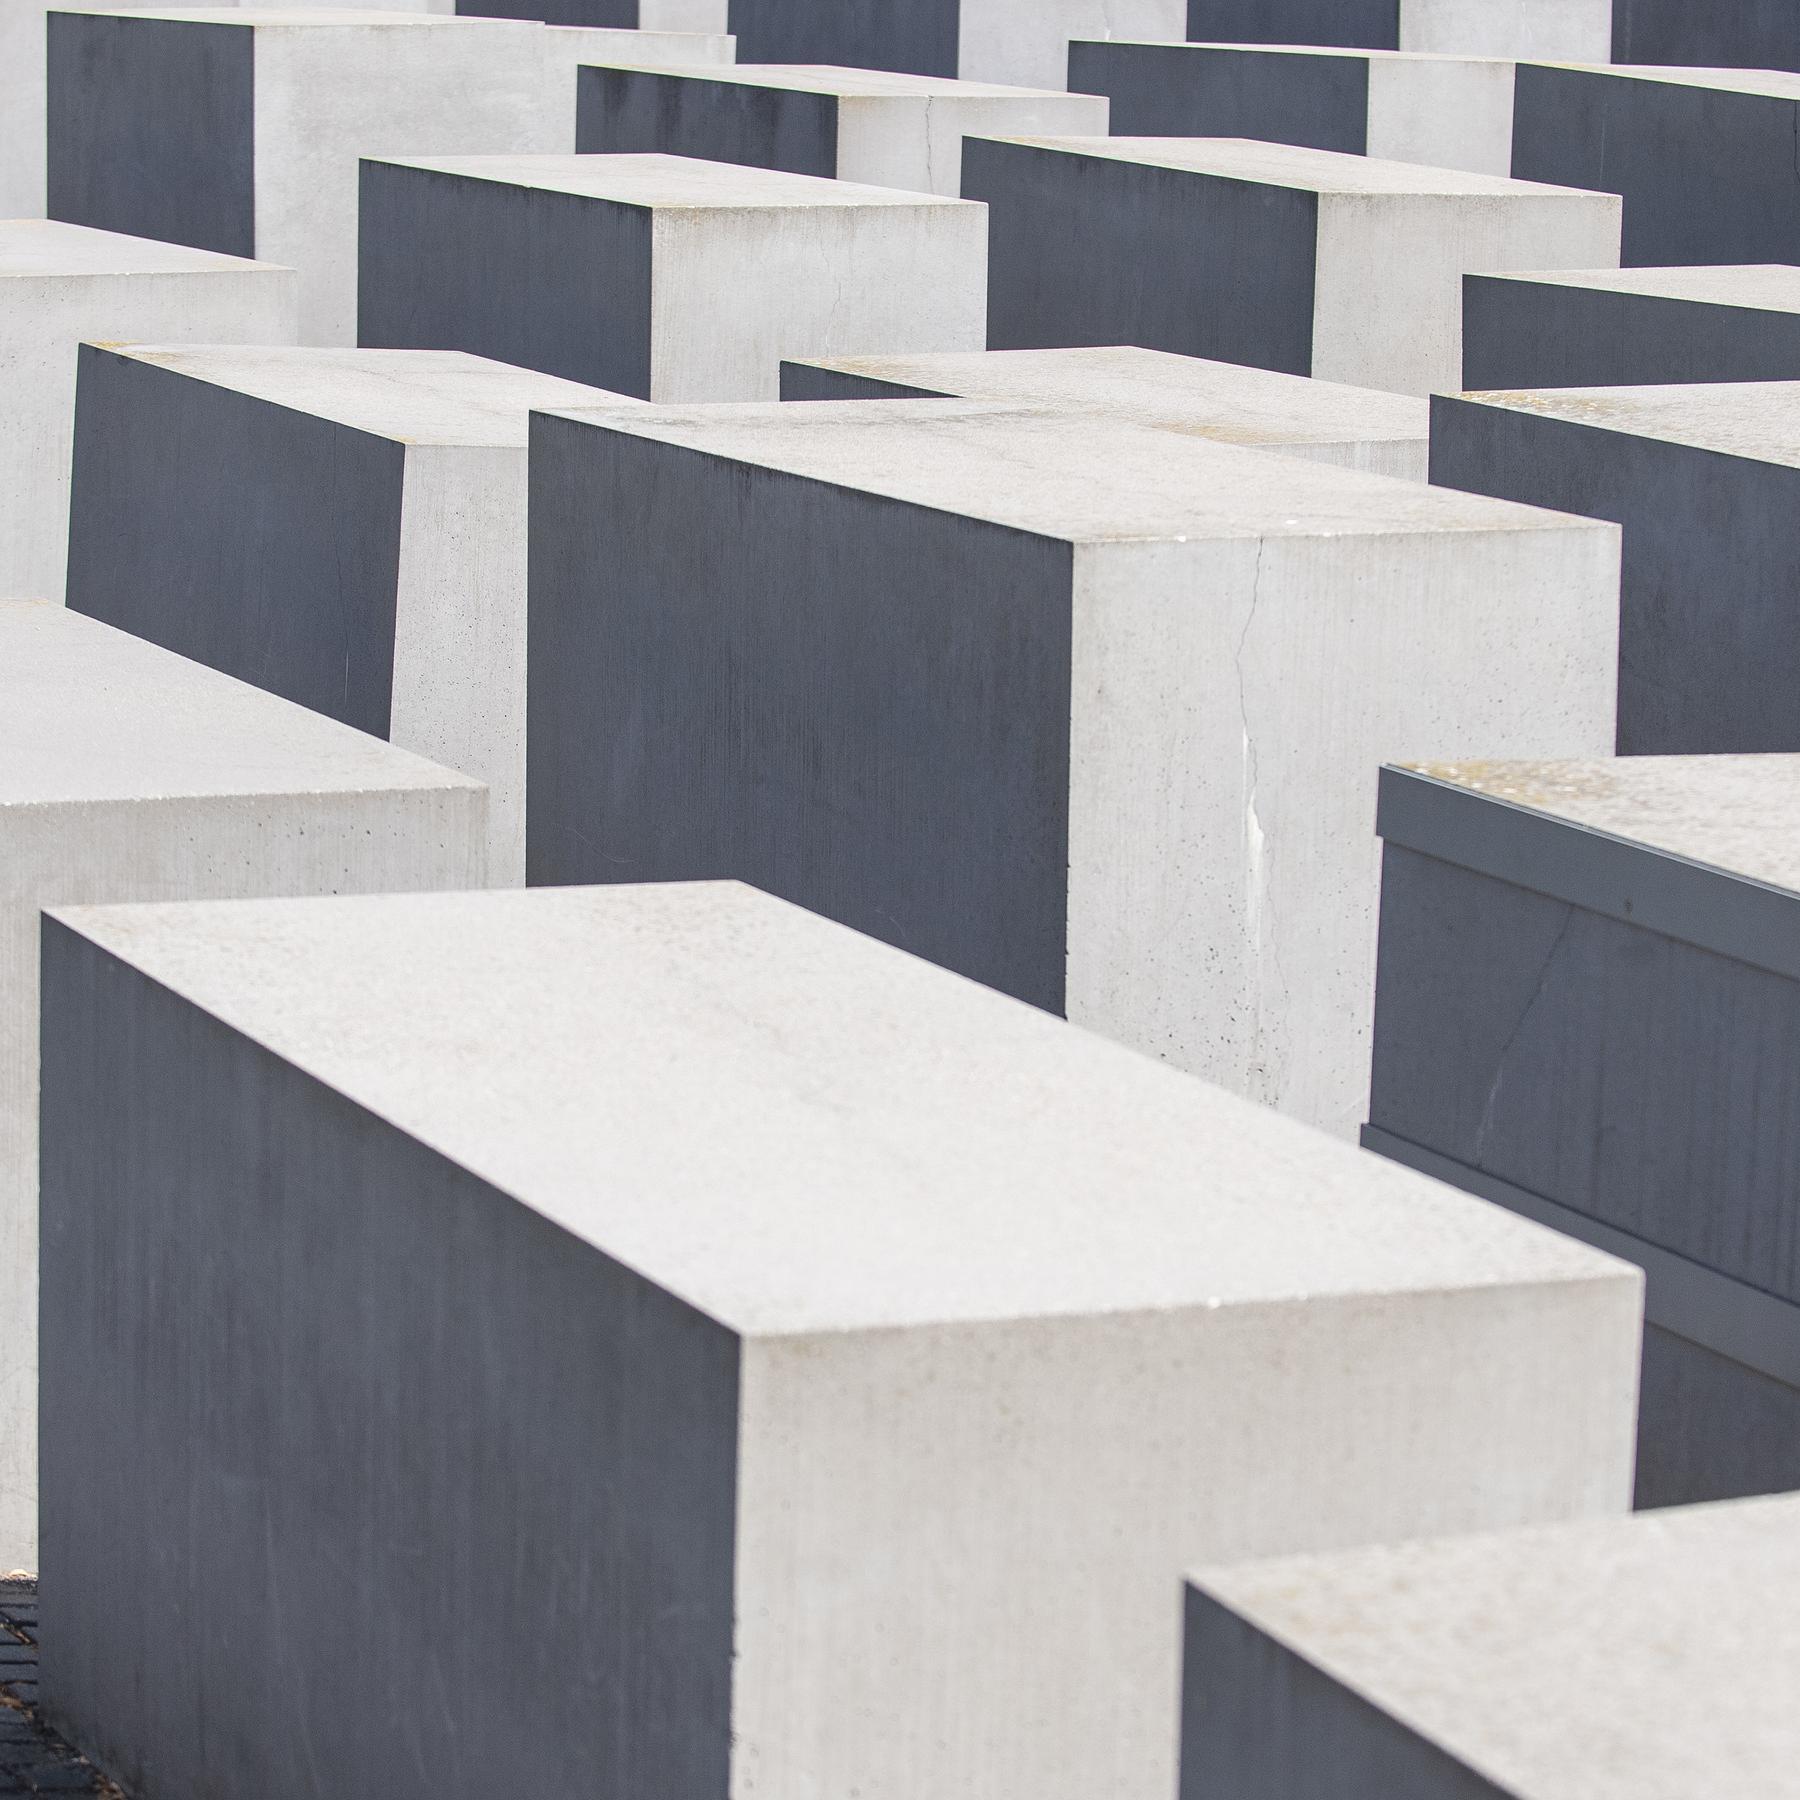 Wenn sich das Kollektiv erinnert - Erkenntnisse der Gedächtnisforschung